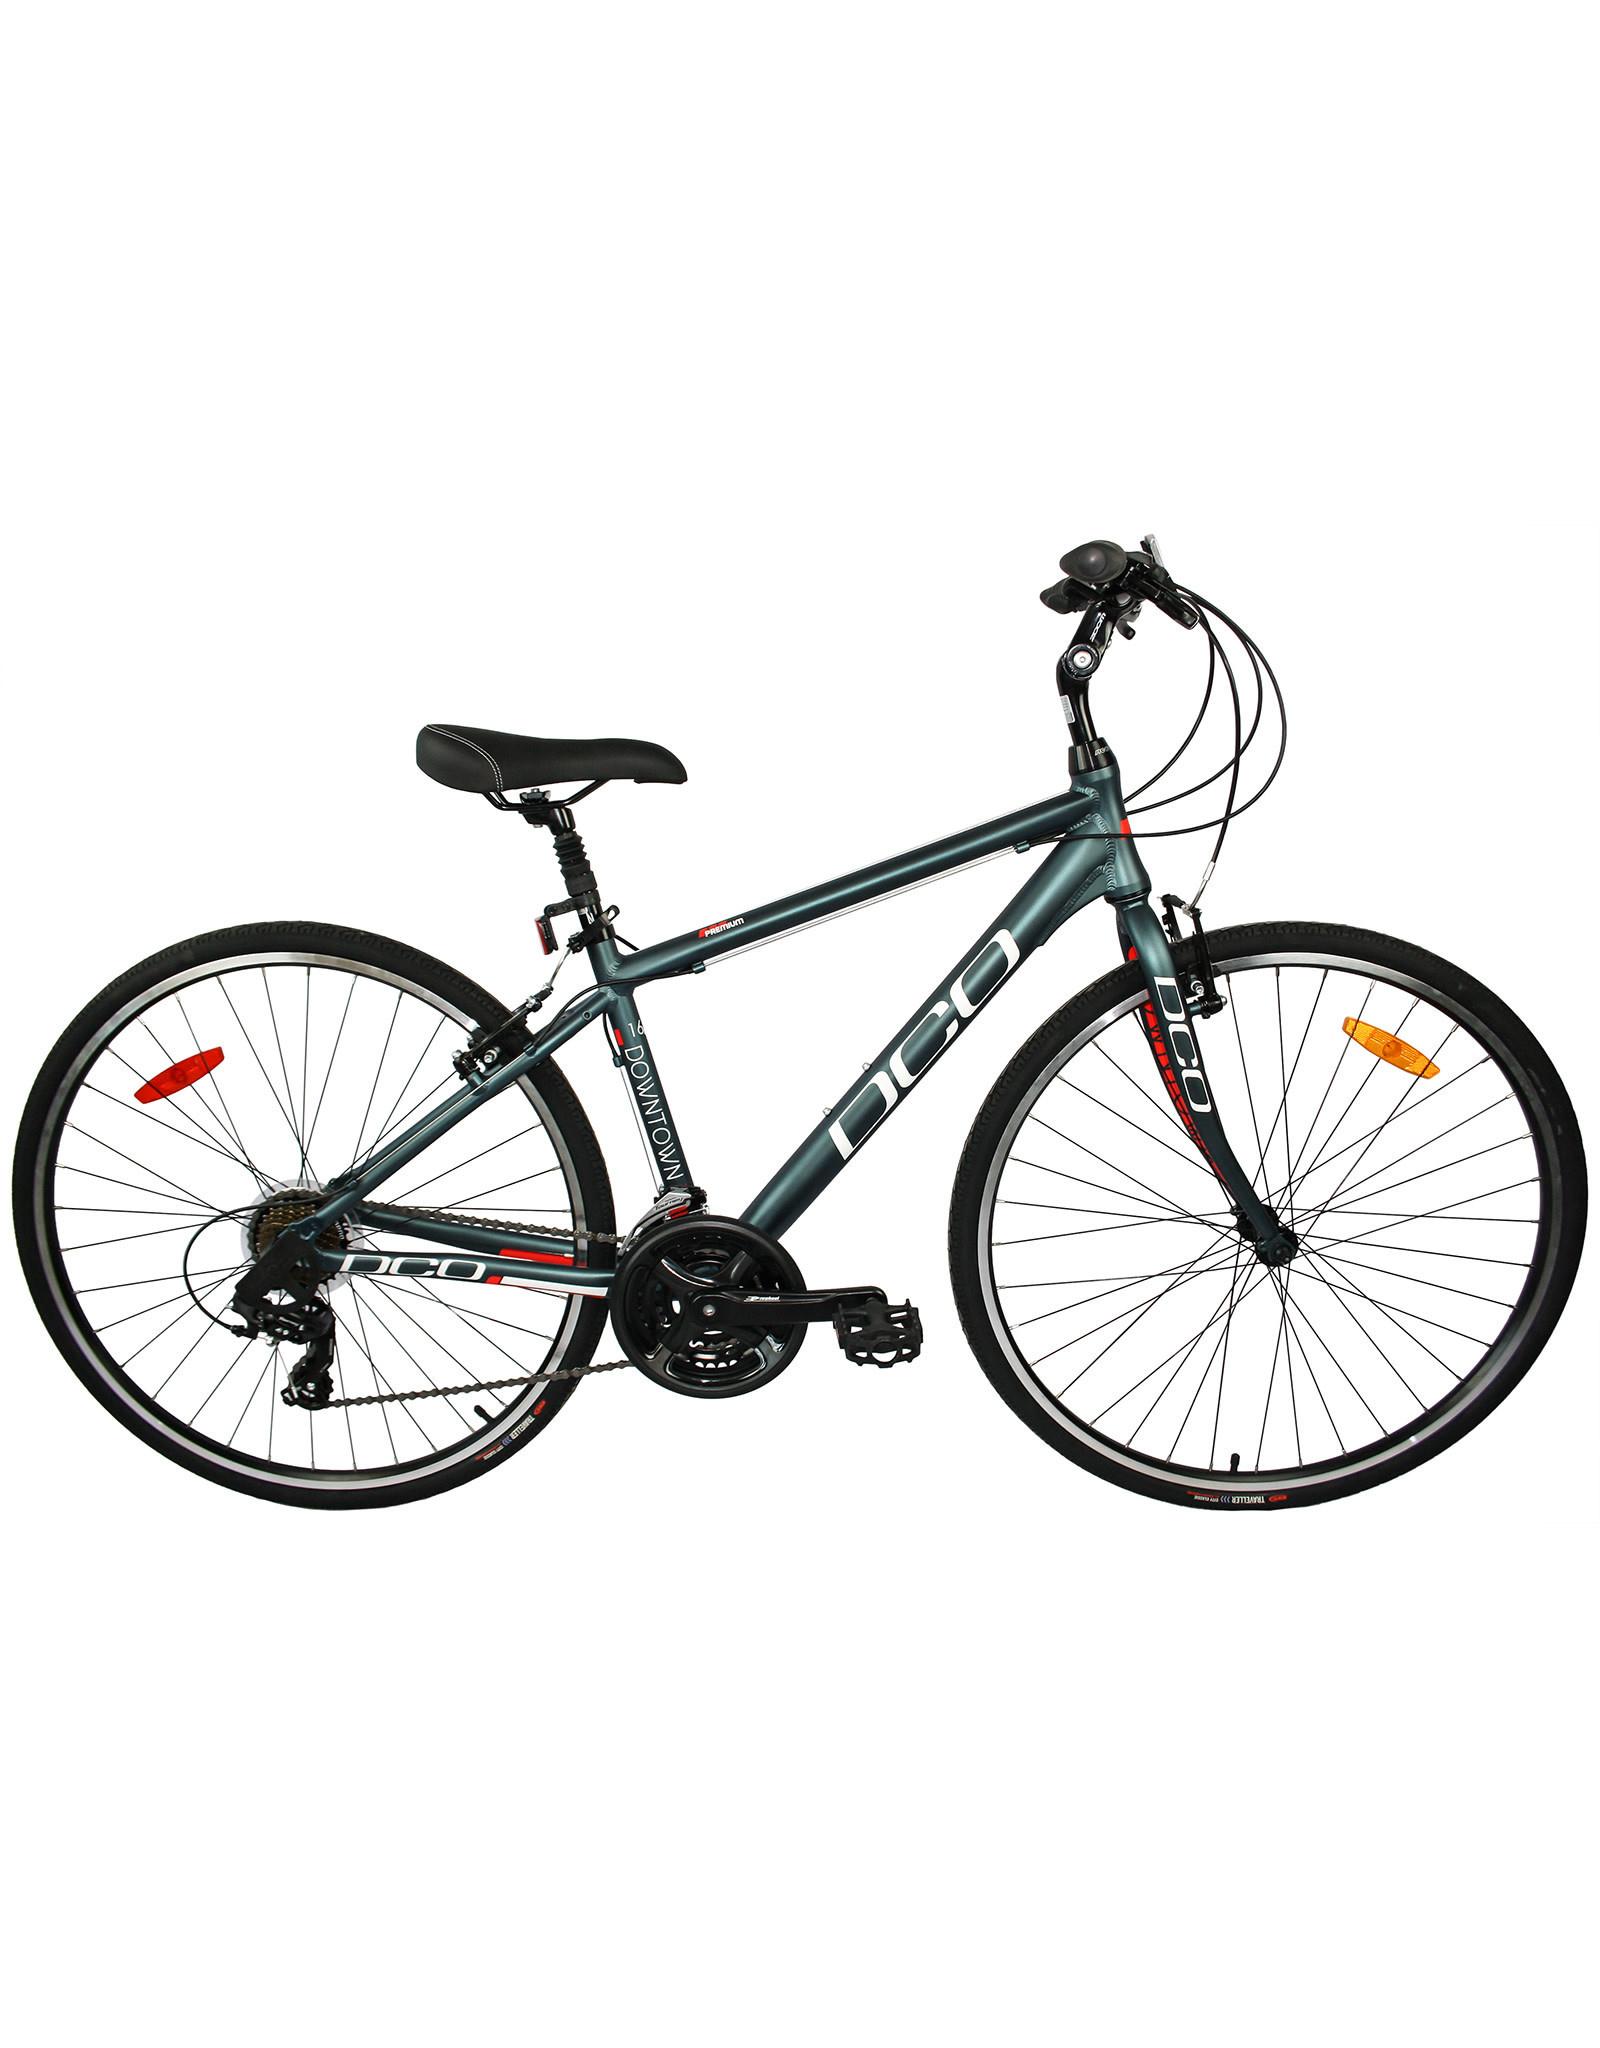 Location de vélo confortable, hommes ou femmes